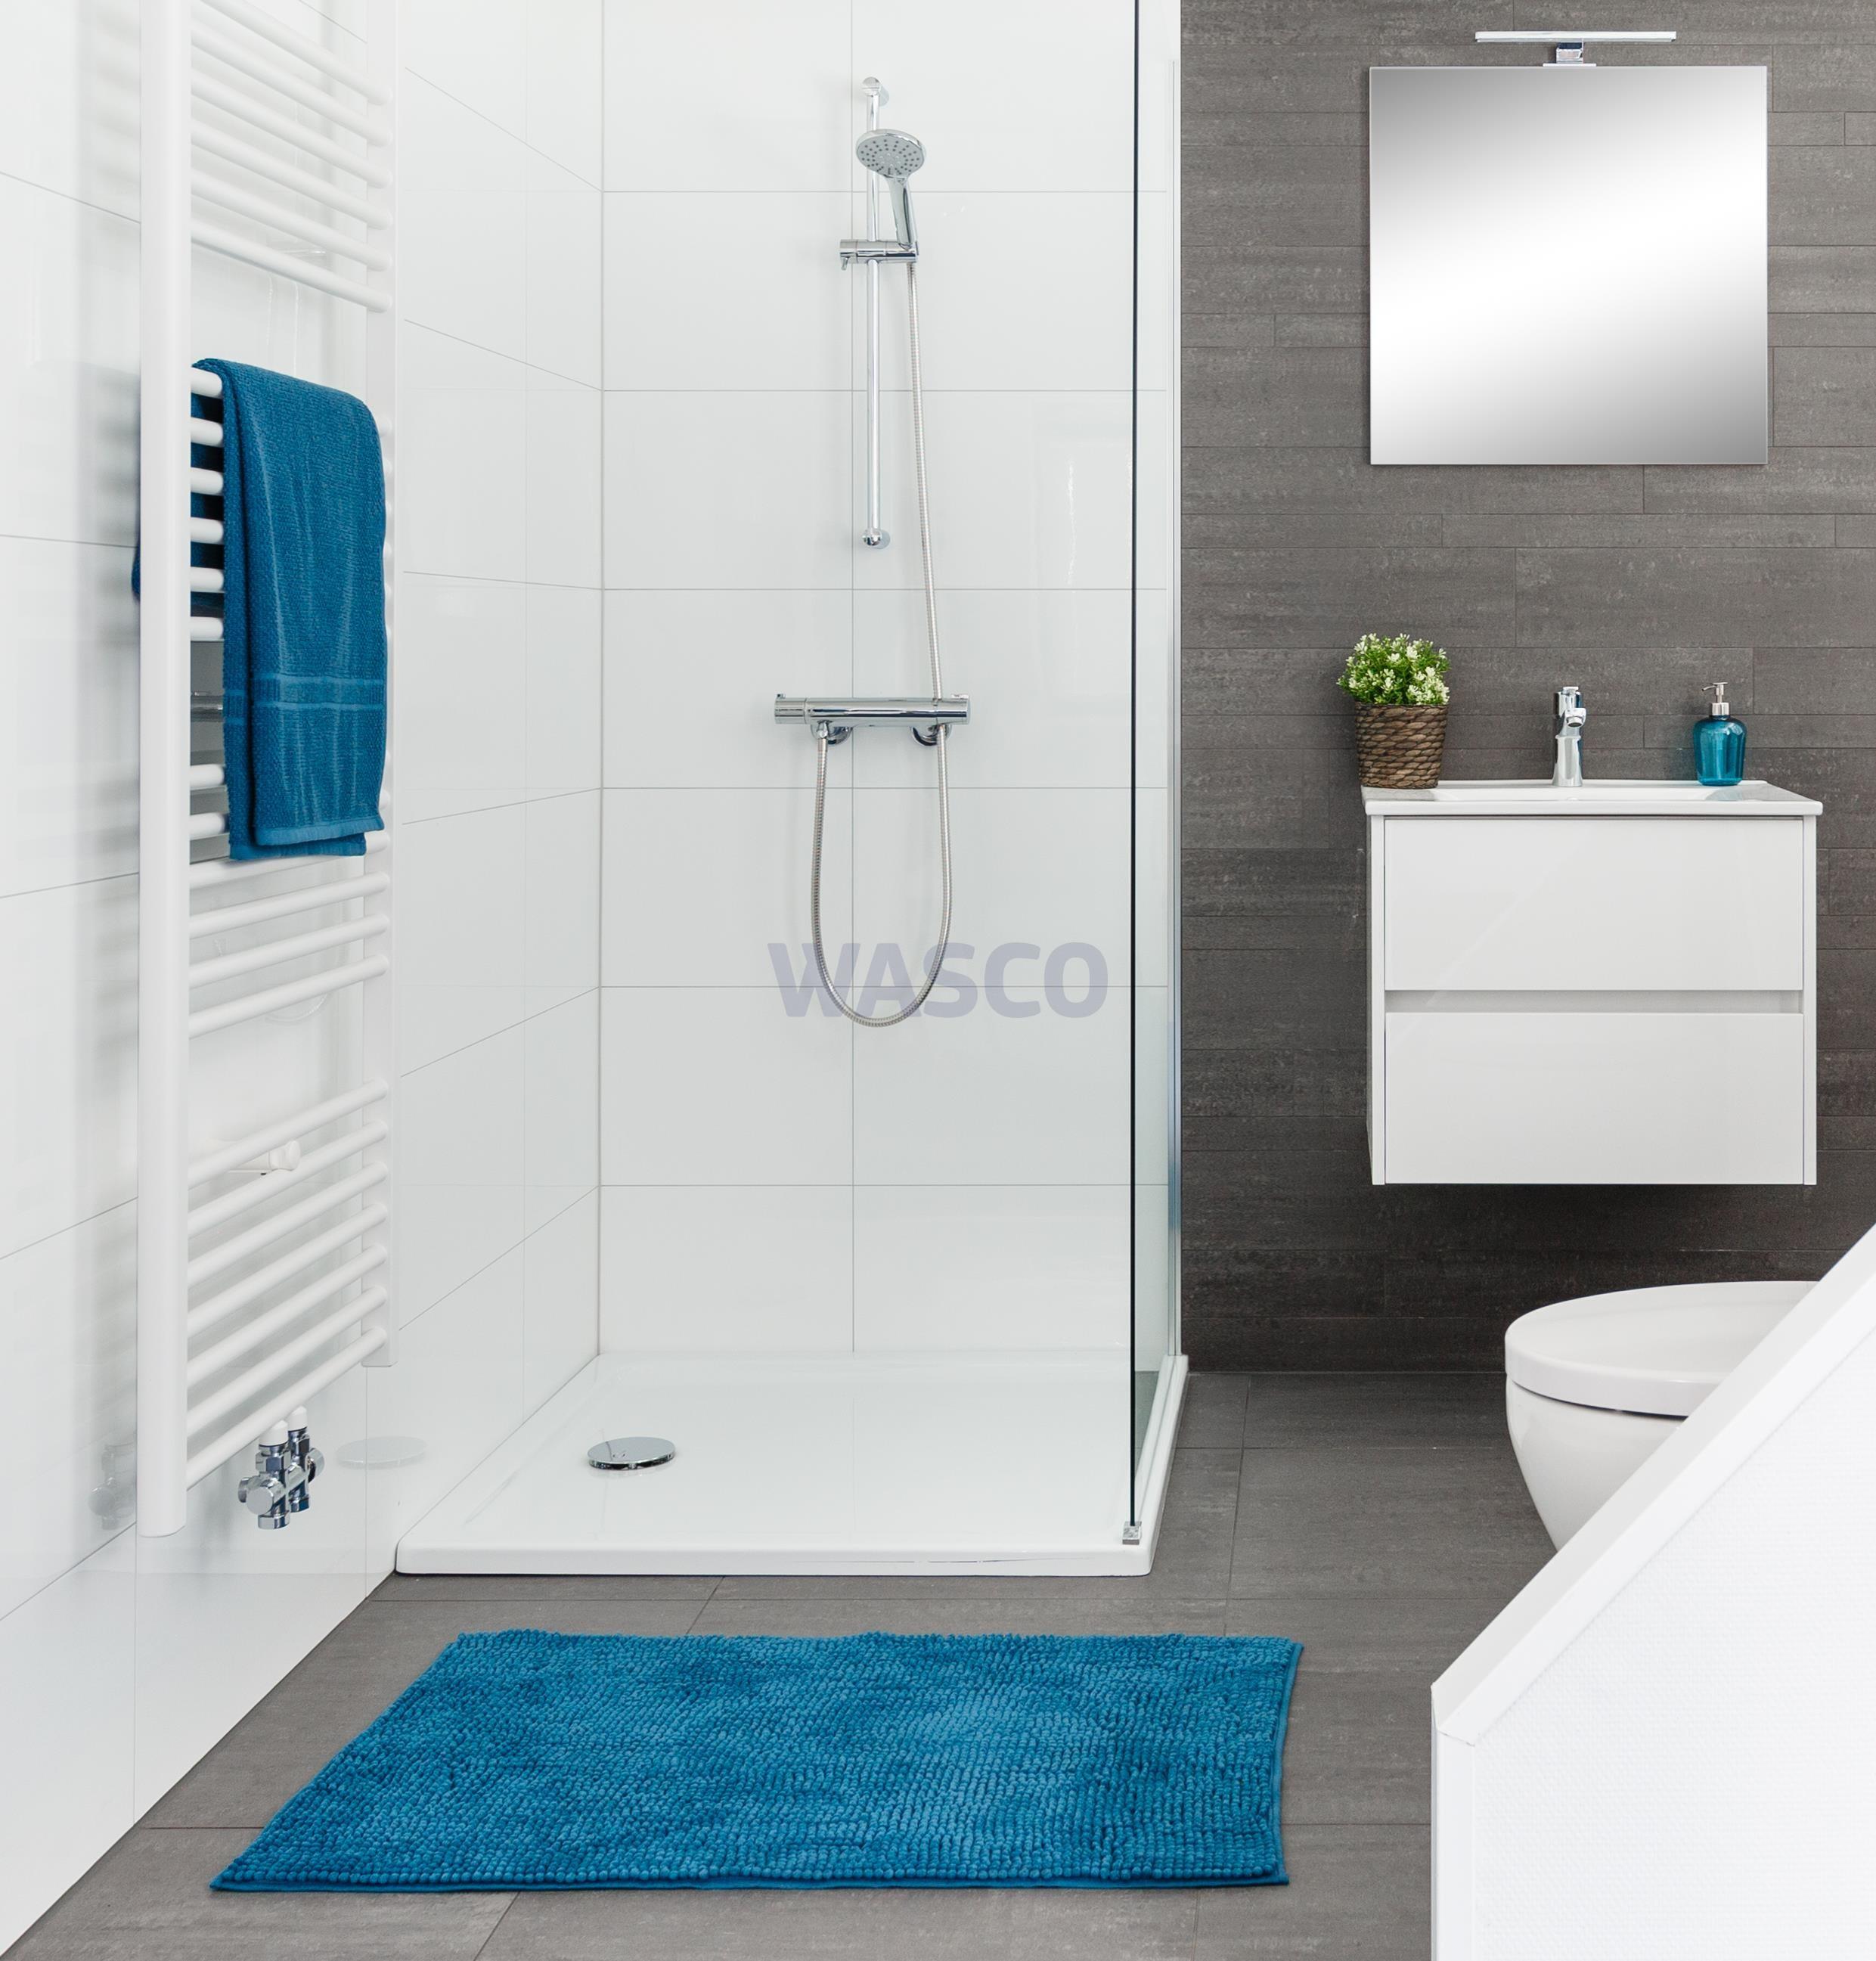 Een complete badkamer koop je nu makkelijk en snel bij Wasco